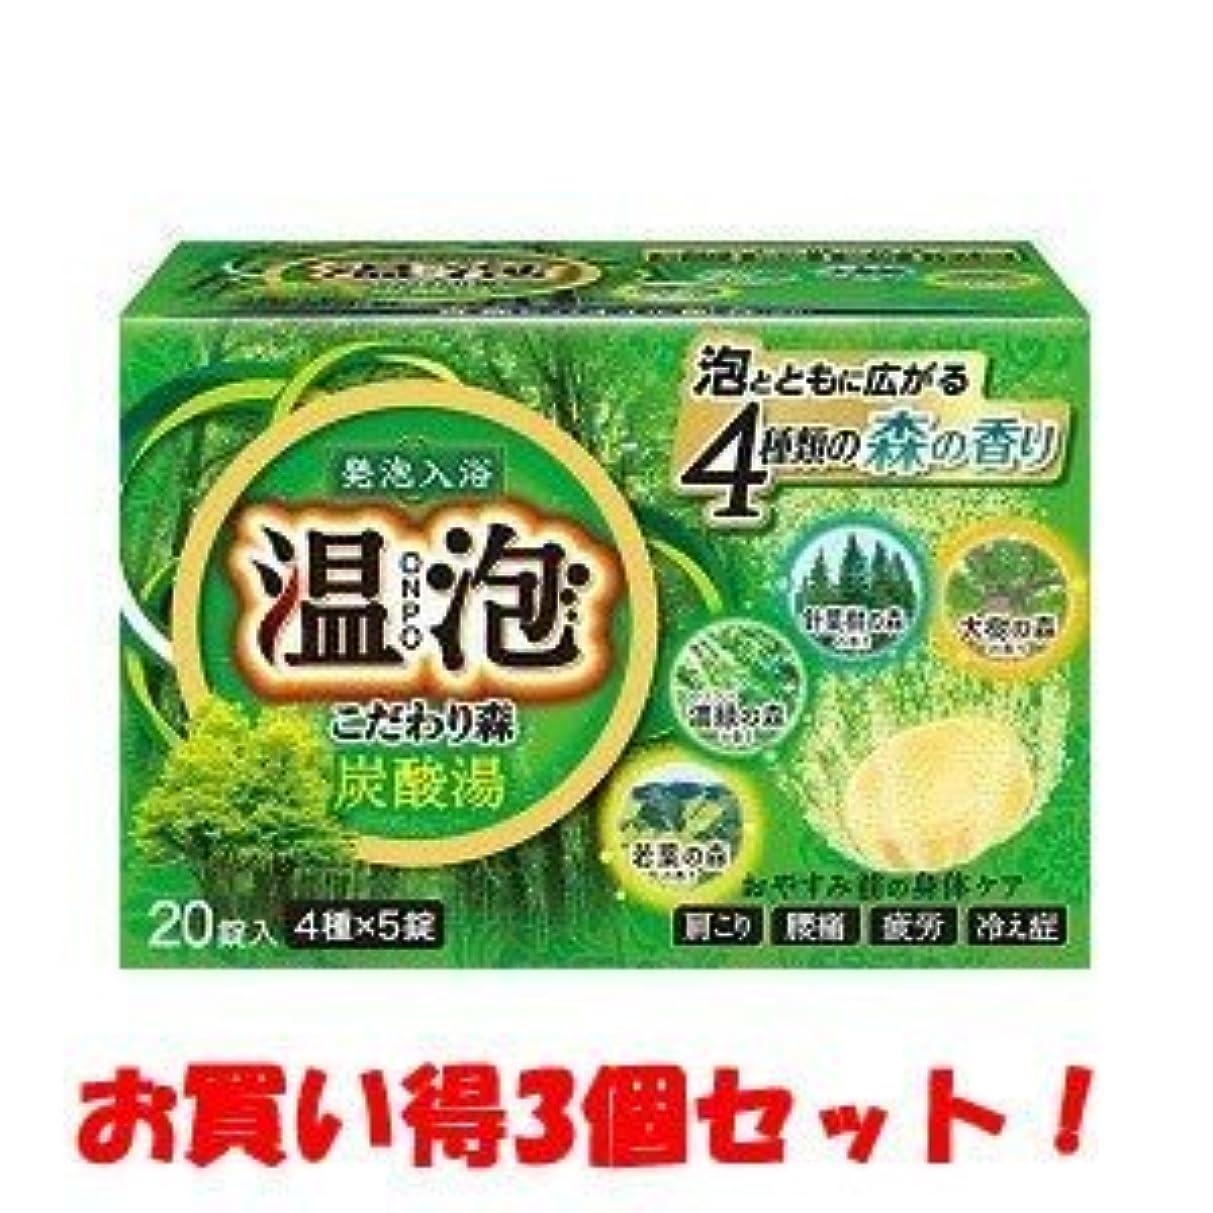 誓うラベルケープ(アース製薬)温泡 こだわり森炭酸湯 45g×20錠入(医薬部外品)(お買い得3個セット)